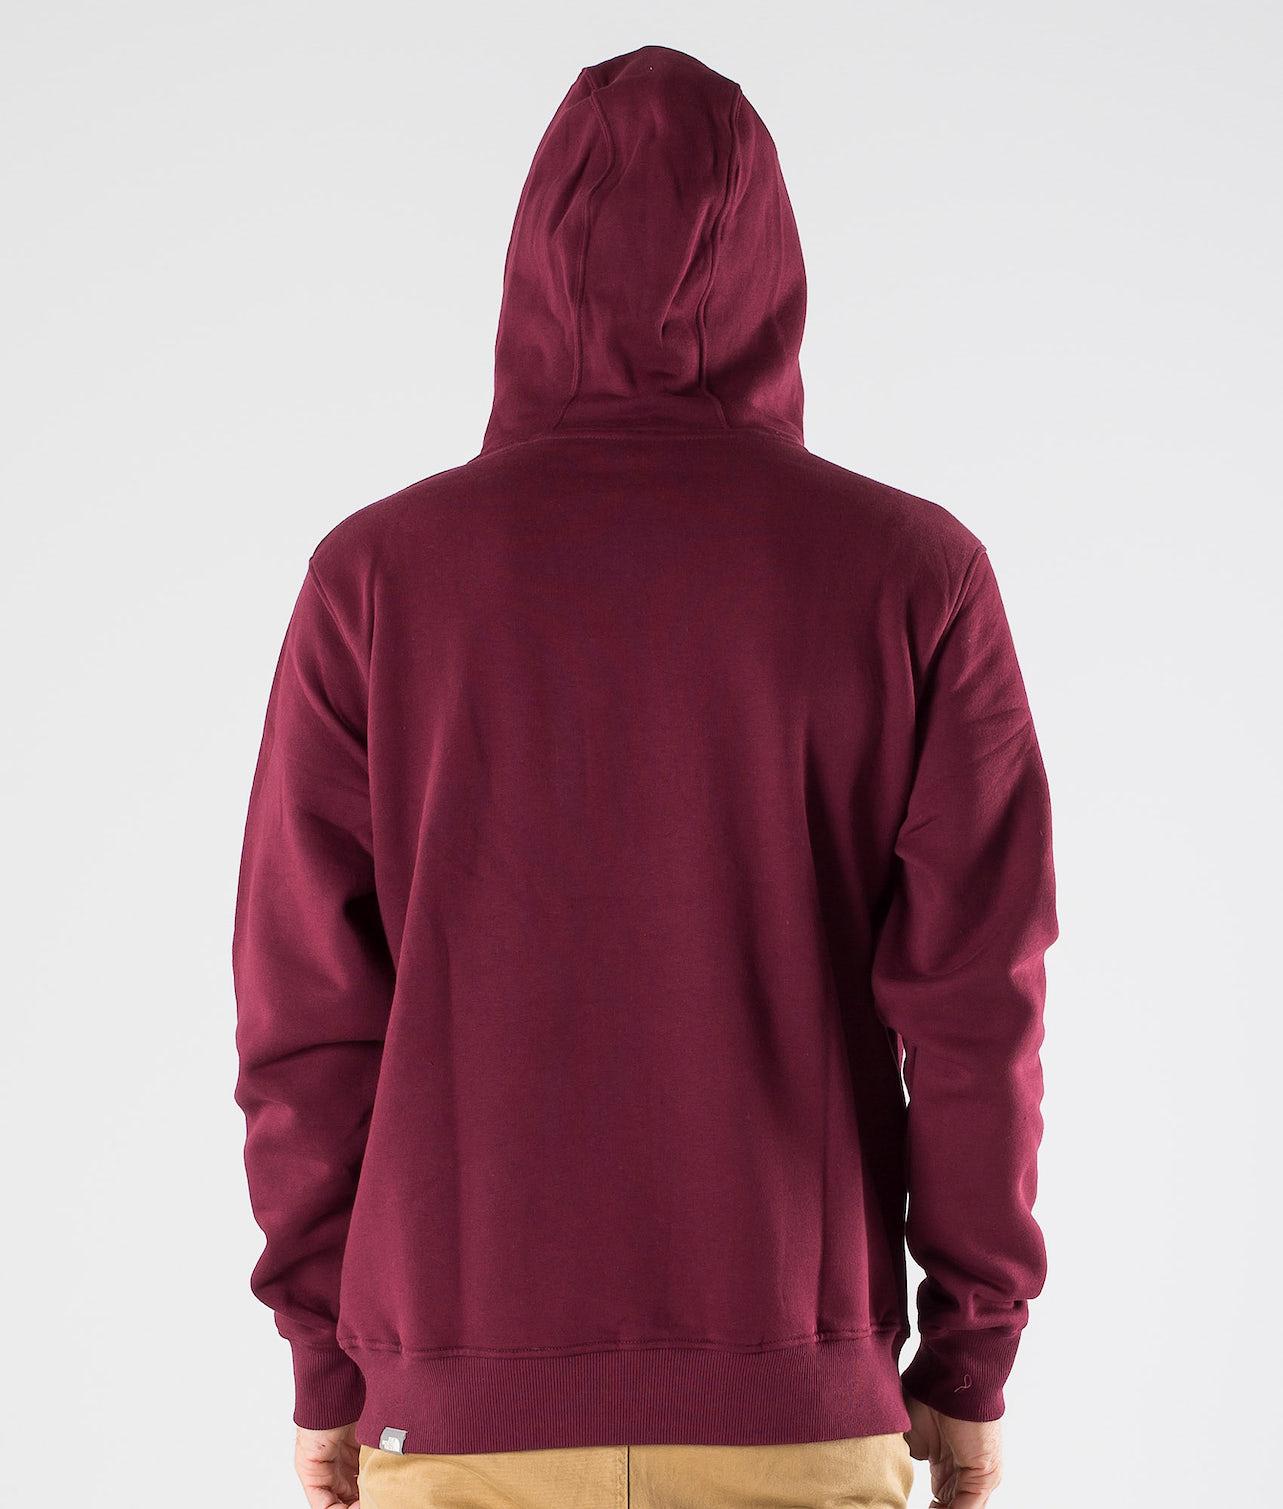 Kjøp DrePeak Hood fra The North Face på Ridestore.no - Hos oss har du alltid fri frakt, fri retur og 30 dagers åpent kjøp!